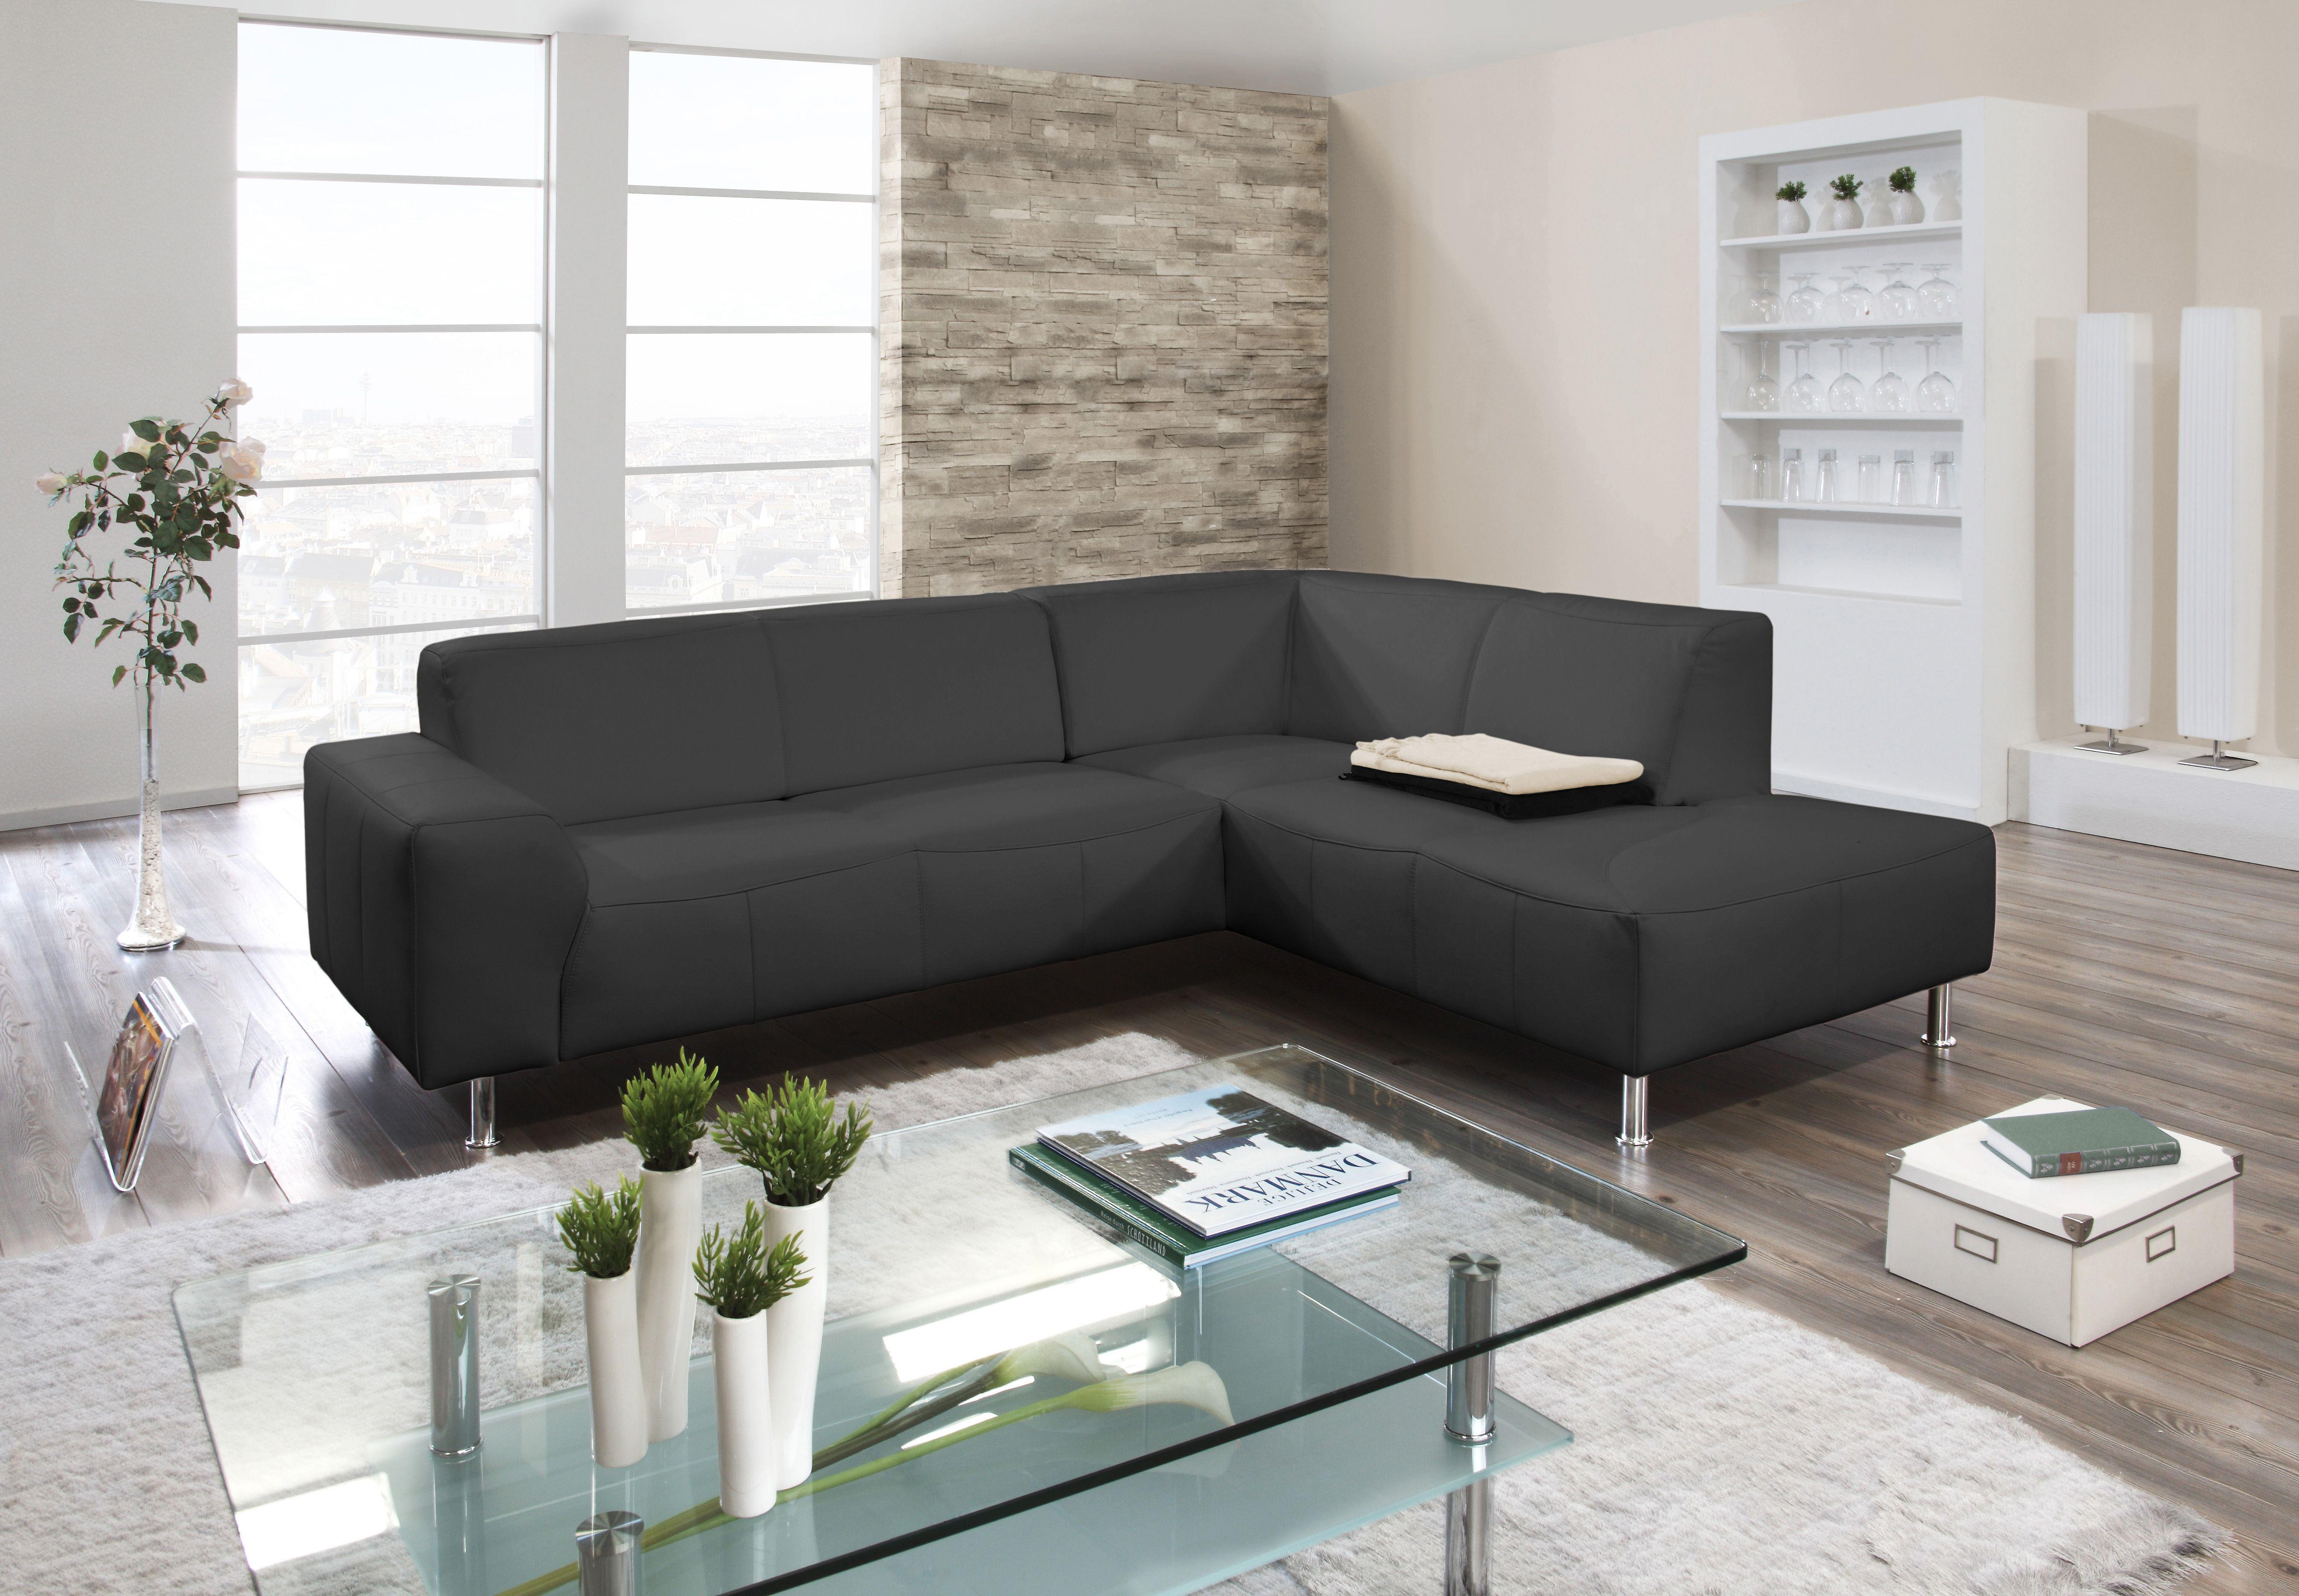 Top Ergebnis 50 Frisch sofas Modernes Design Bild 2018 Iqt4 2017